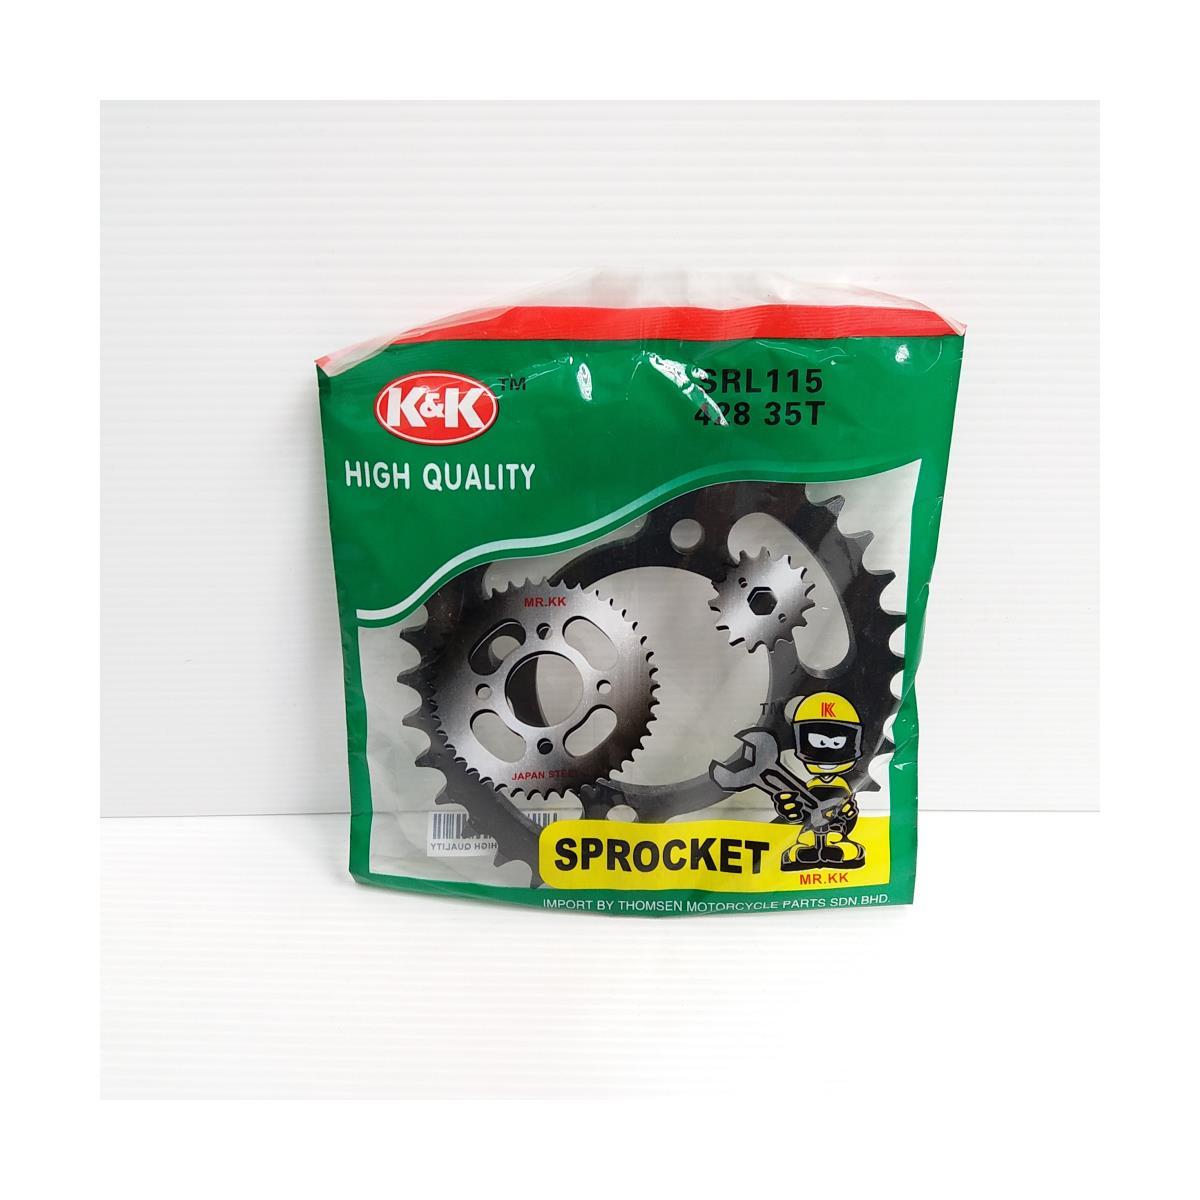 REAR SPROCKET SRL115 35T (428)(K&K)